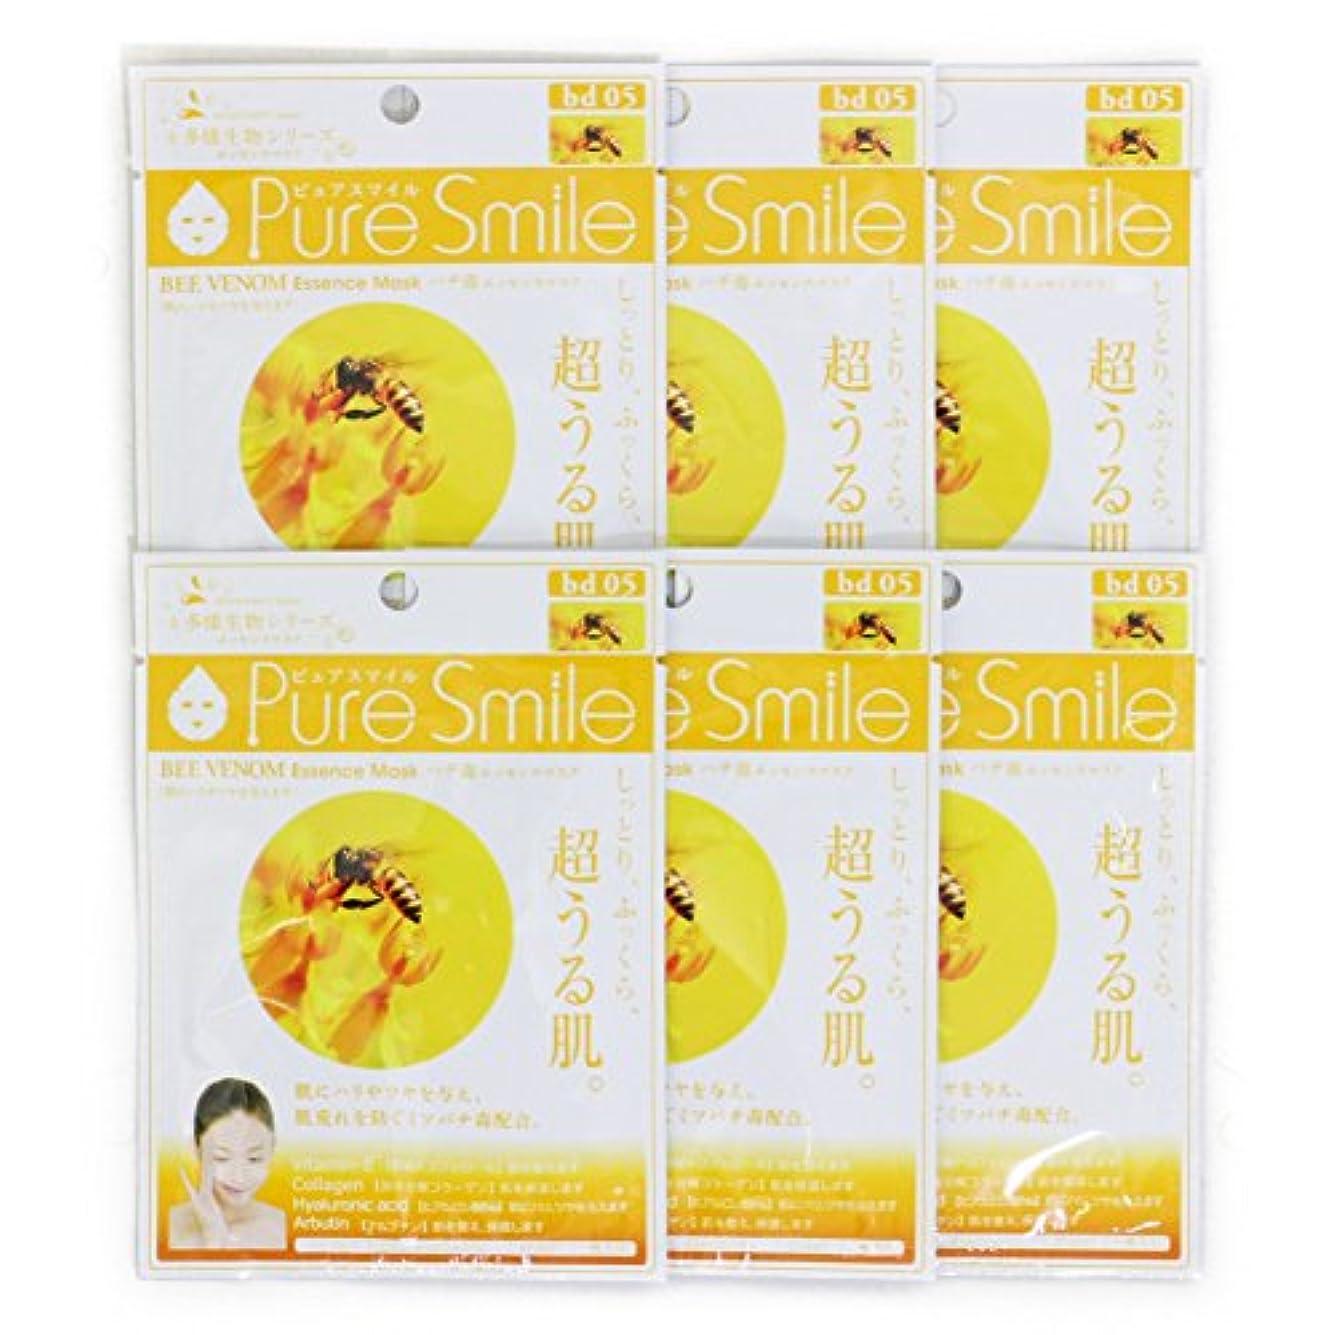 レガシーレジ抵抗Pure Smile ピュアスマイル 多様生物エッセンスマスク ハチ毒 6枚セット